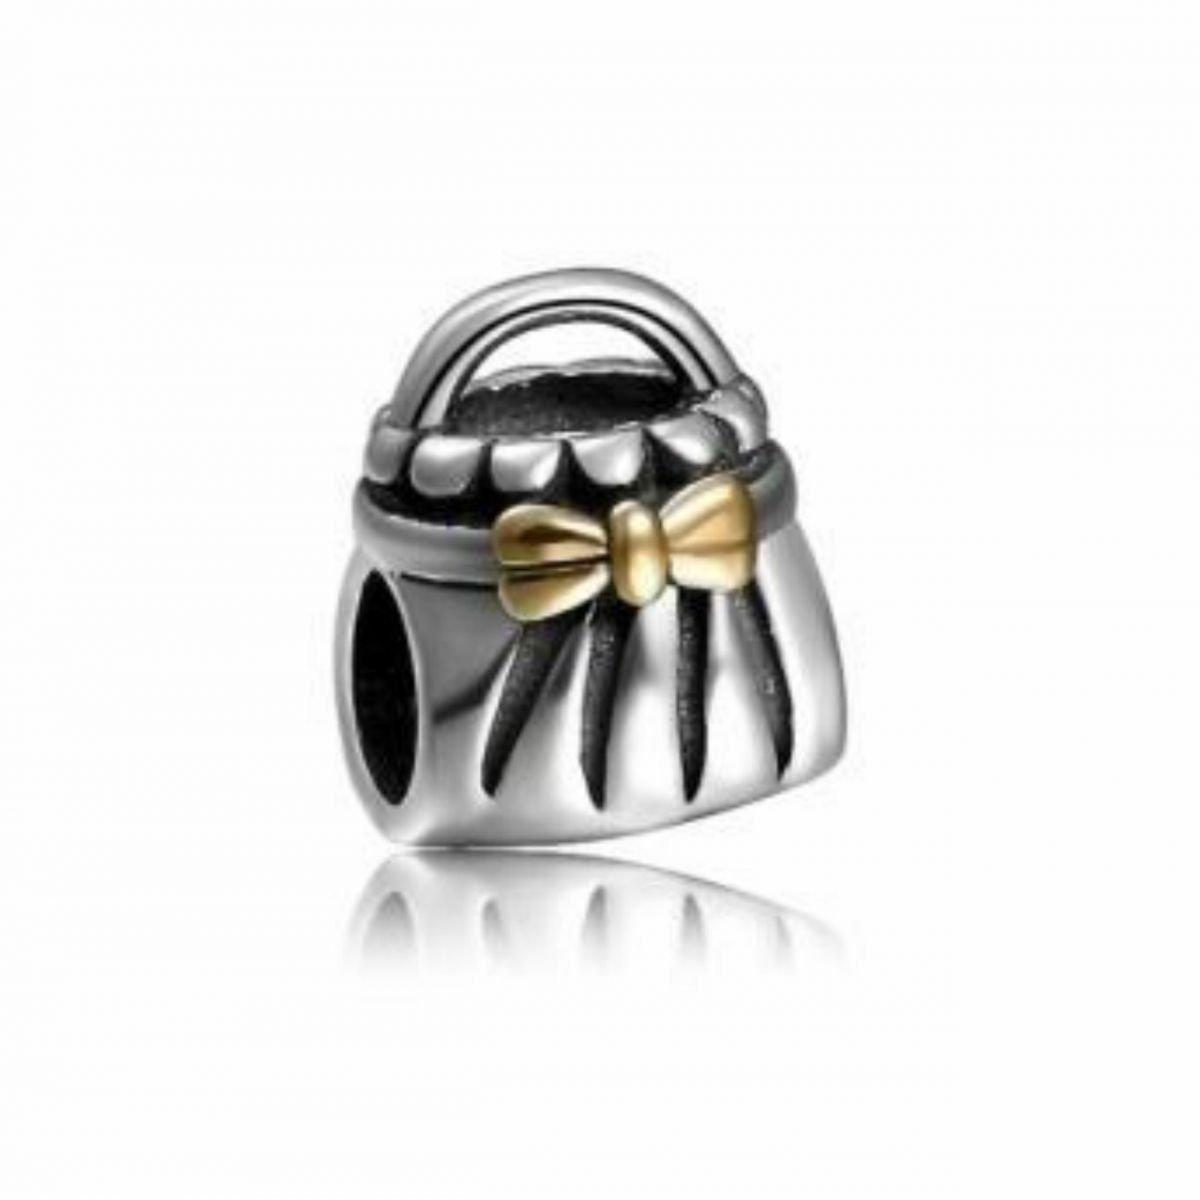 Berloque Bolsa com Laço Dourado II